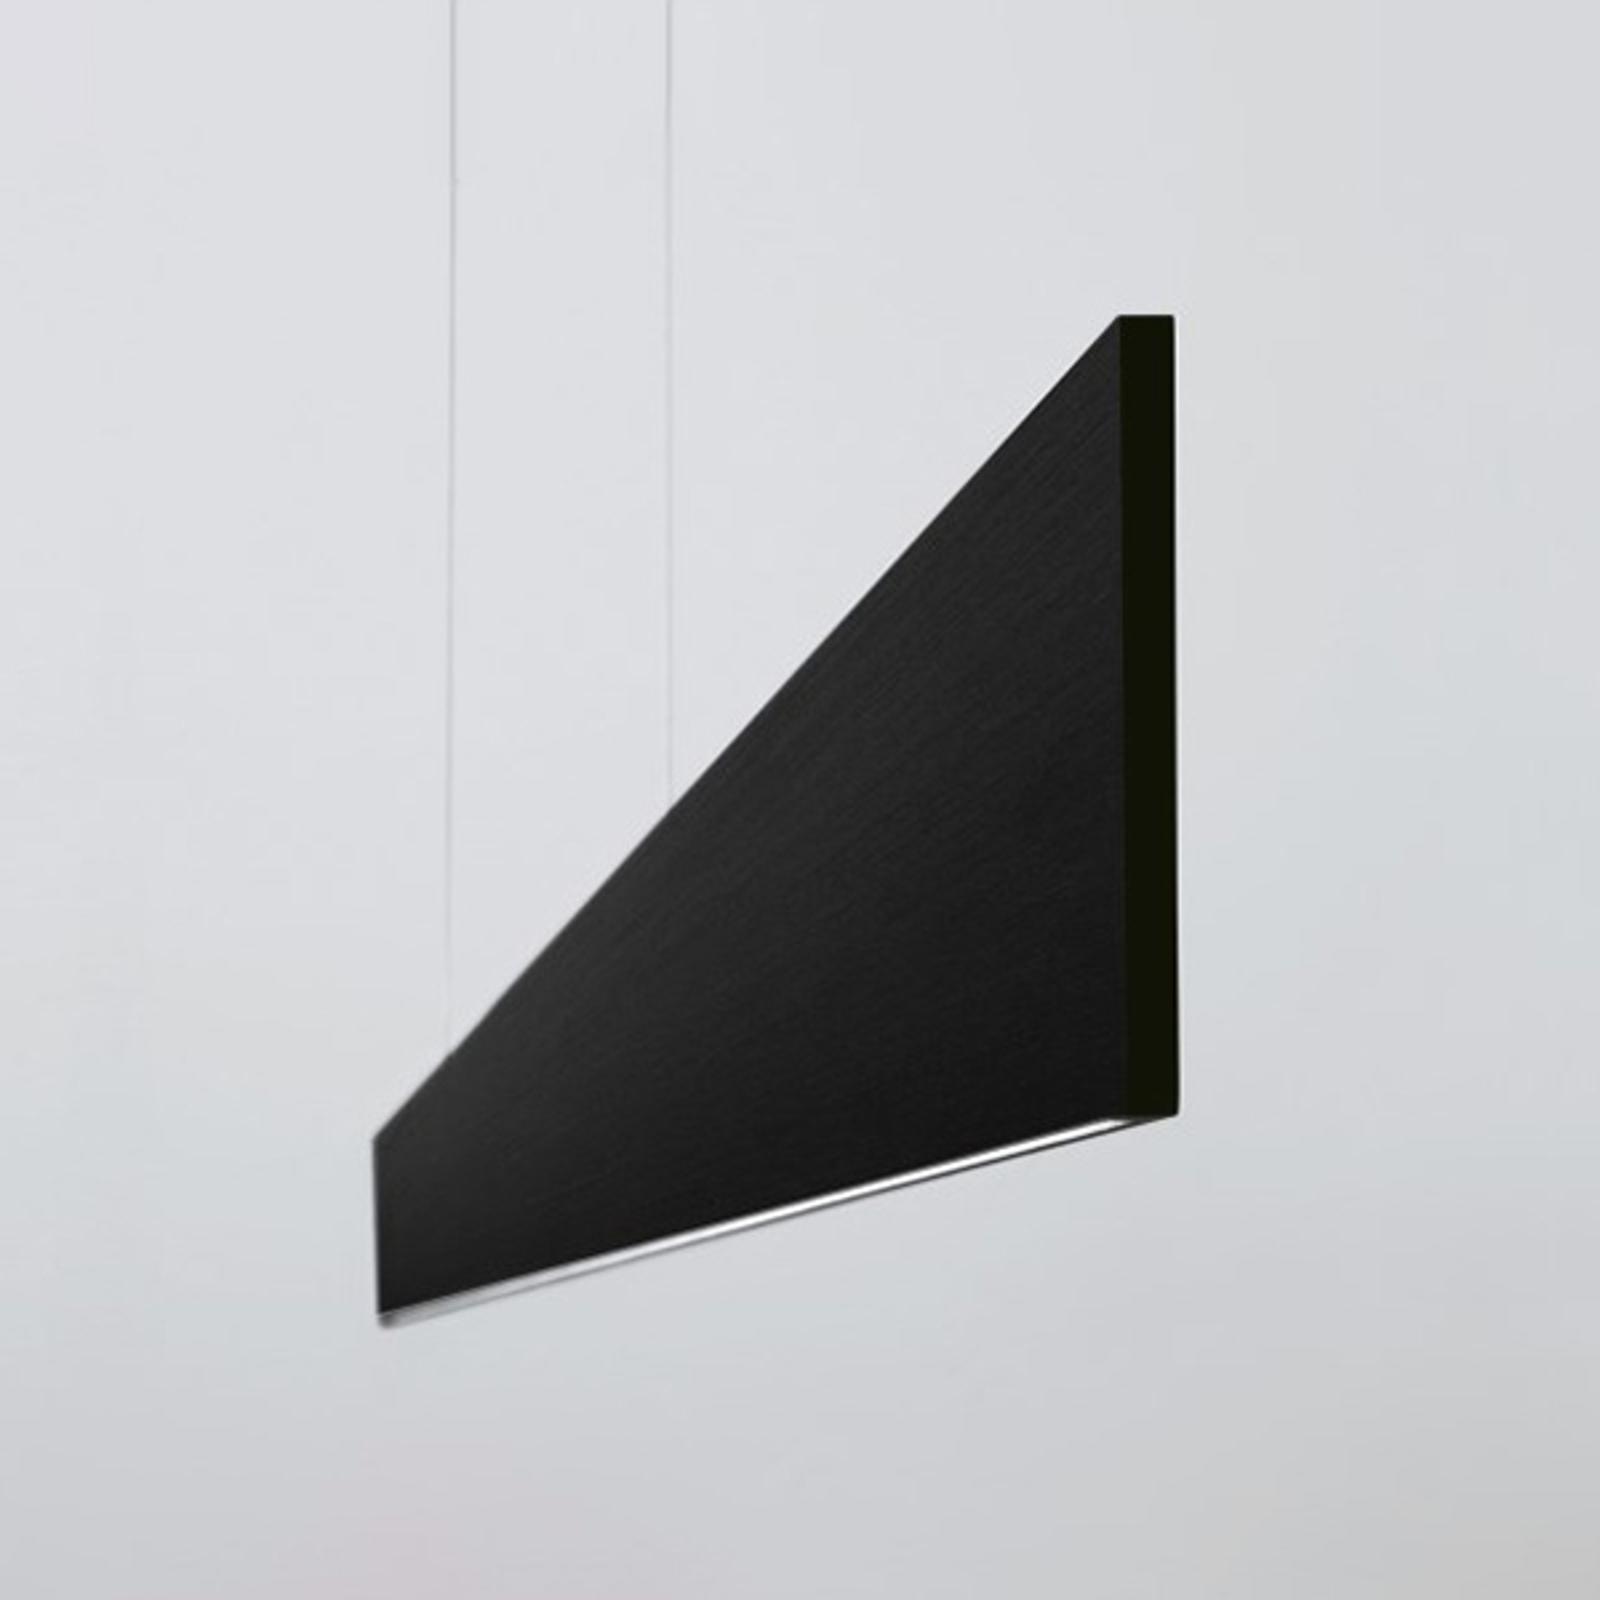 LED hanglamp After 8 122cm 1-10V 4000K zwart